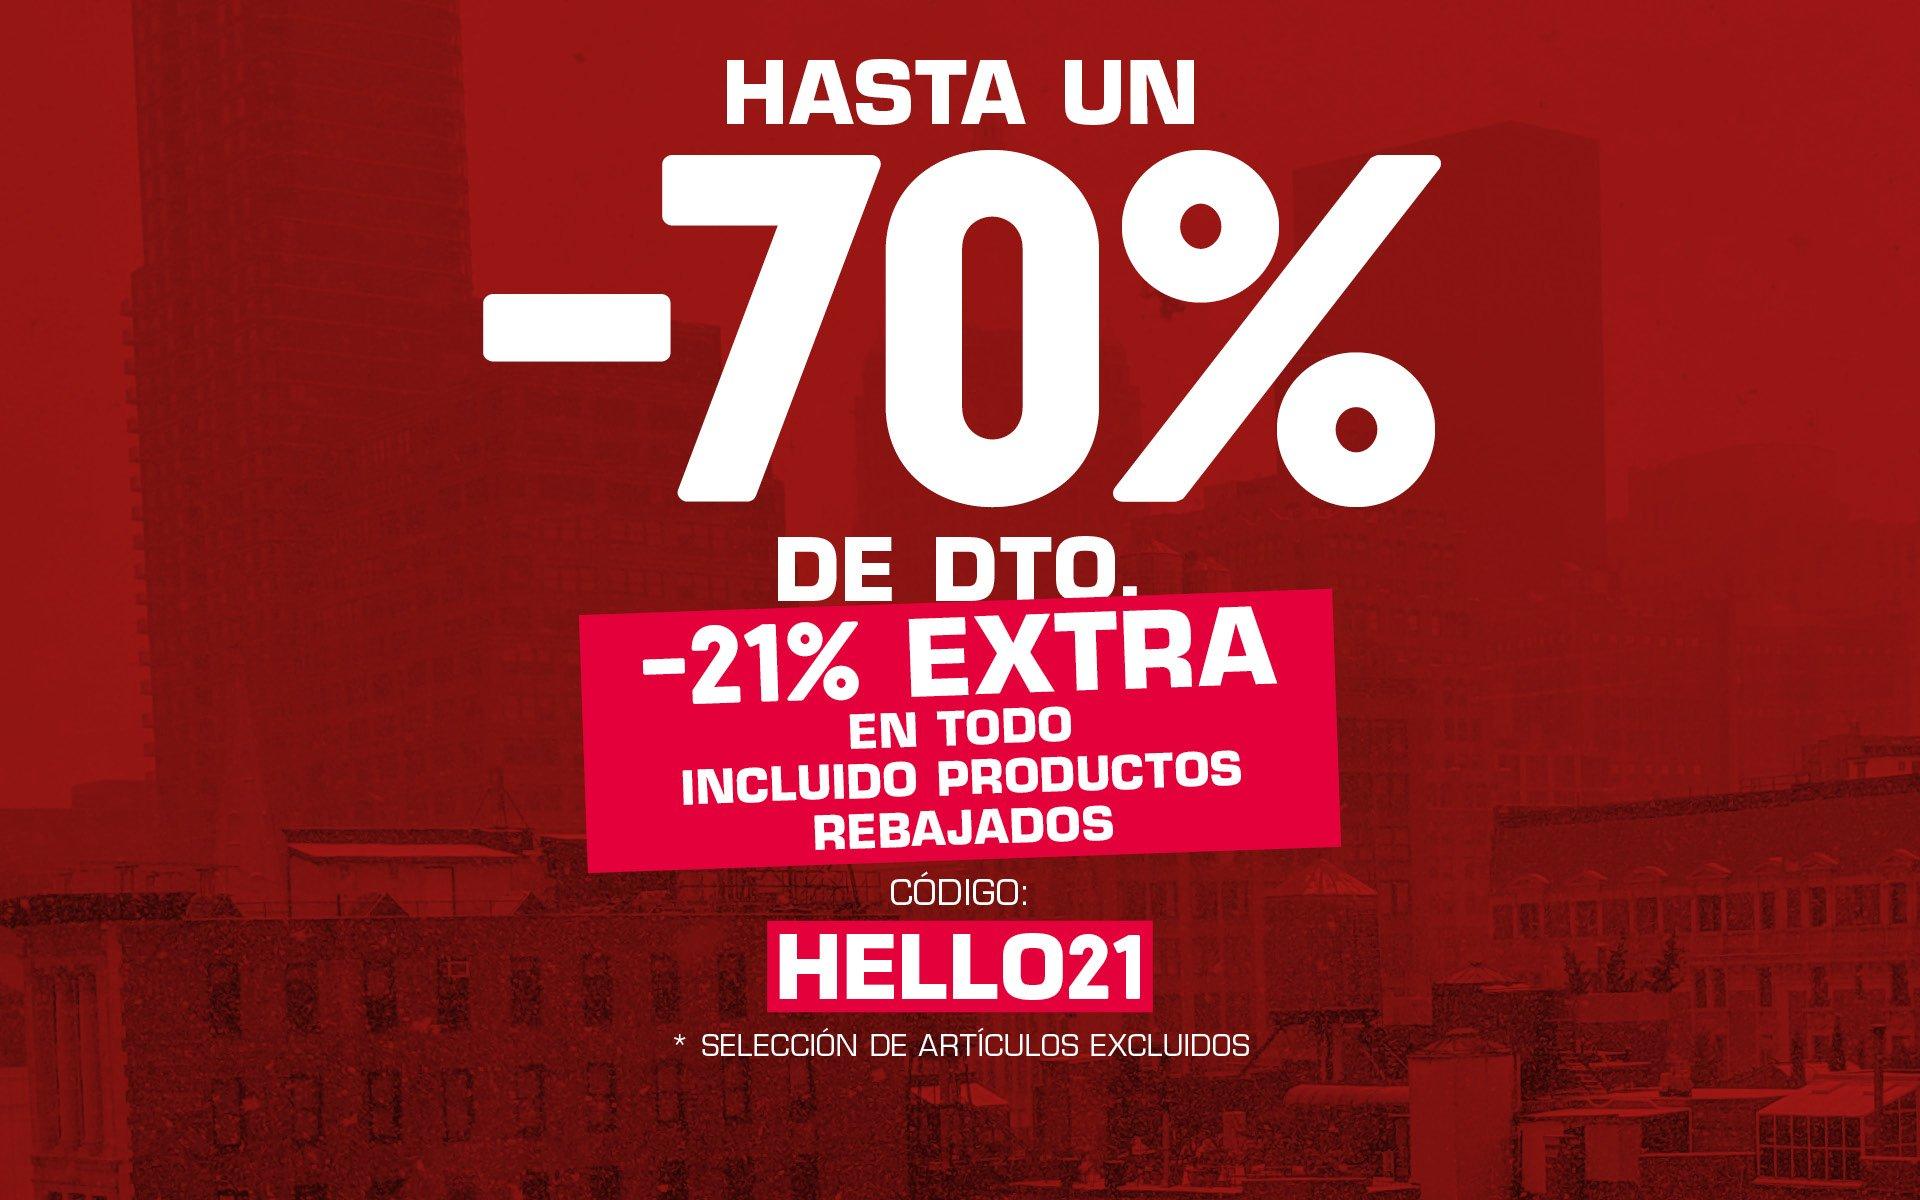 ¡ -21% EXTRA (INCL. REBAJAS) + ENVÍOS GRATIS EN SNIPES ! CÓDIGO: HELLO21